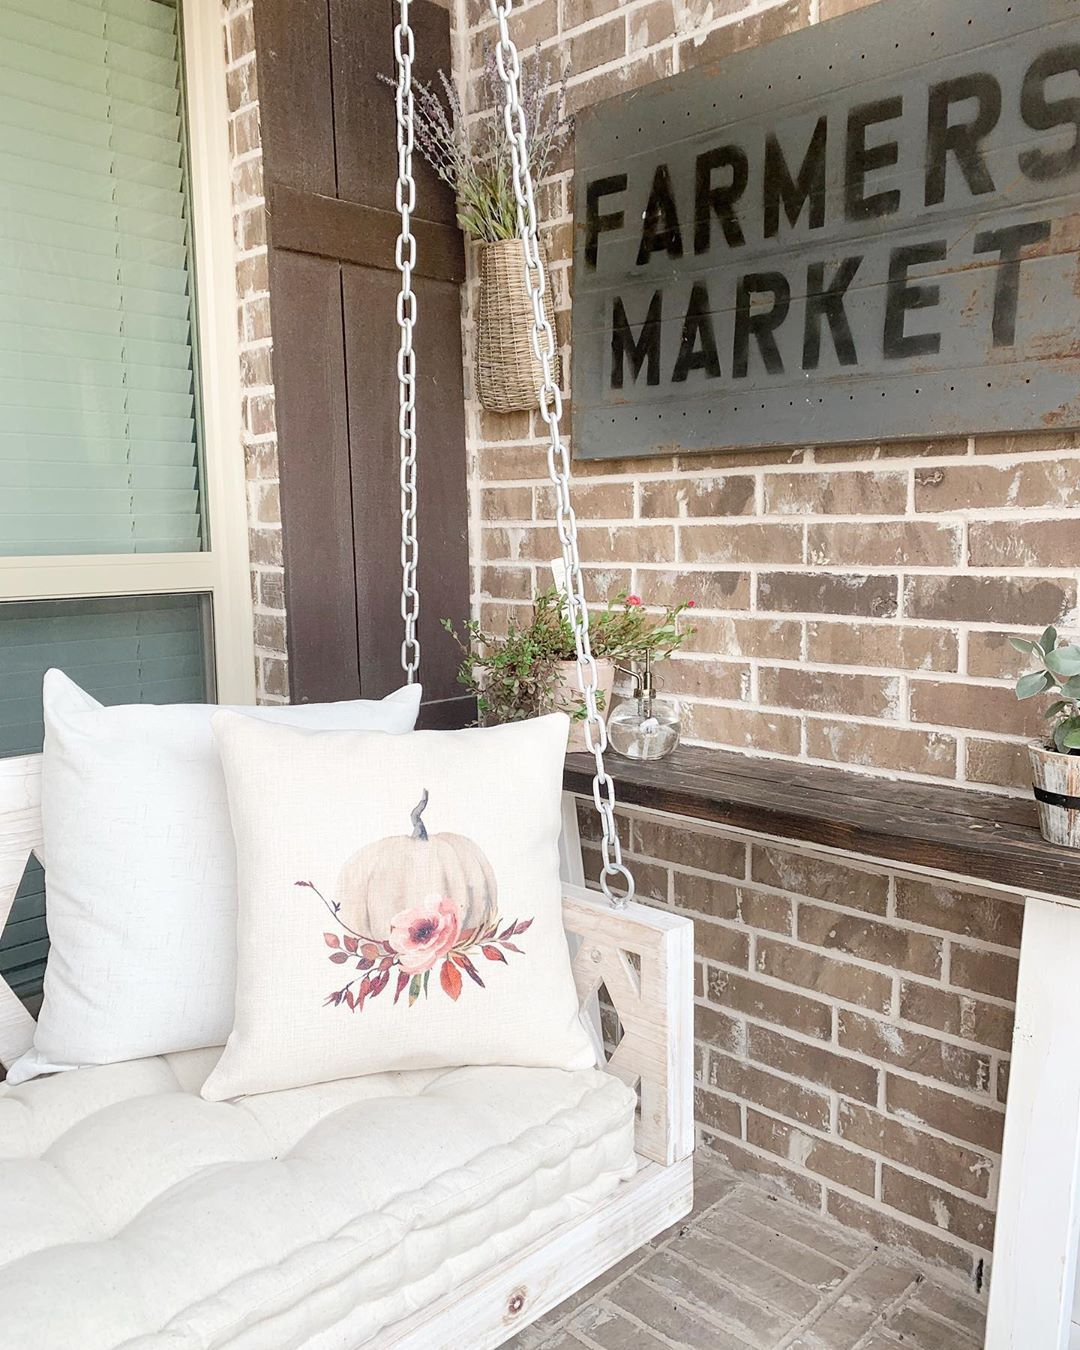 Fall patio farmhouse decor fall throw pillows porch